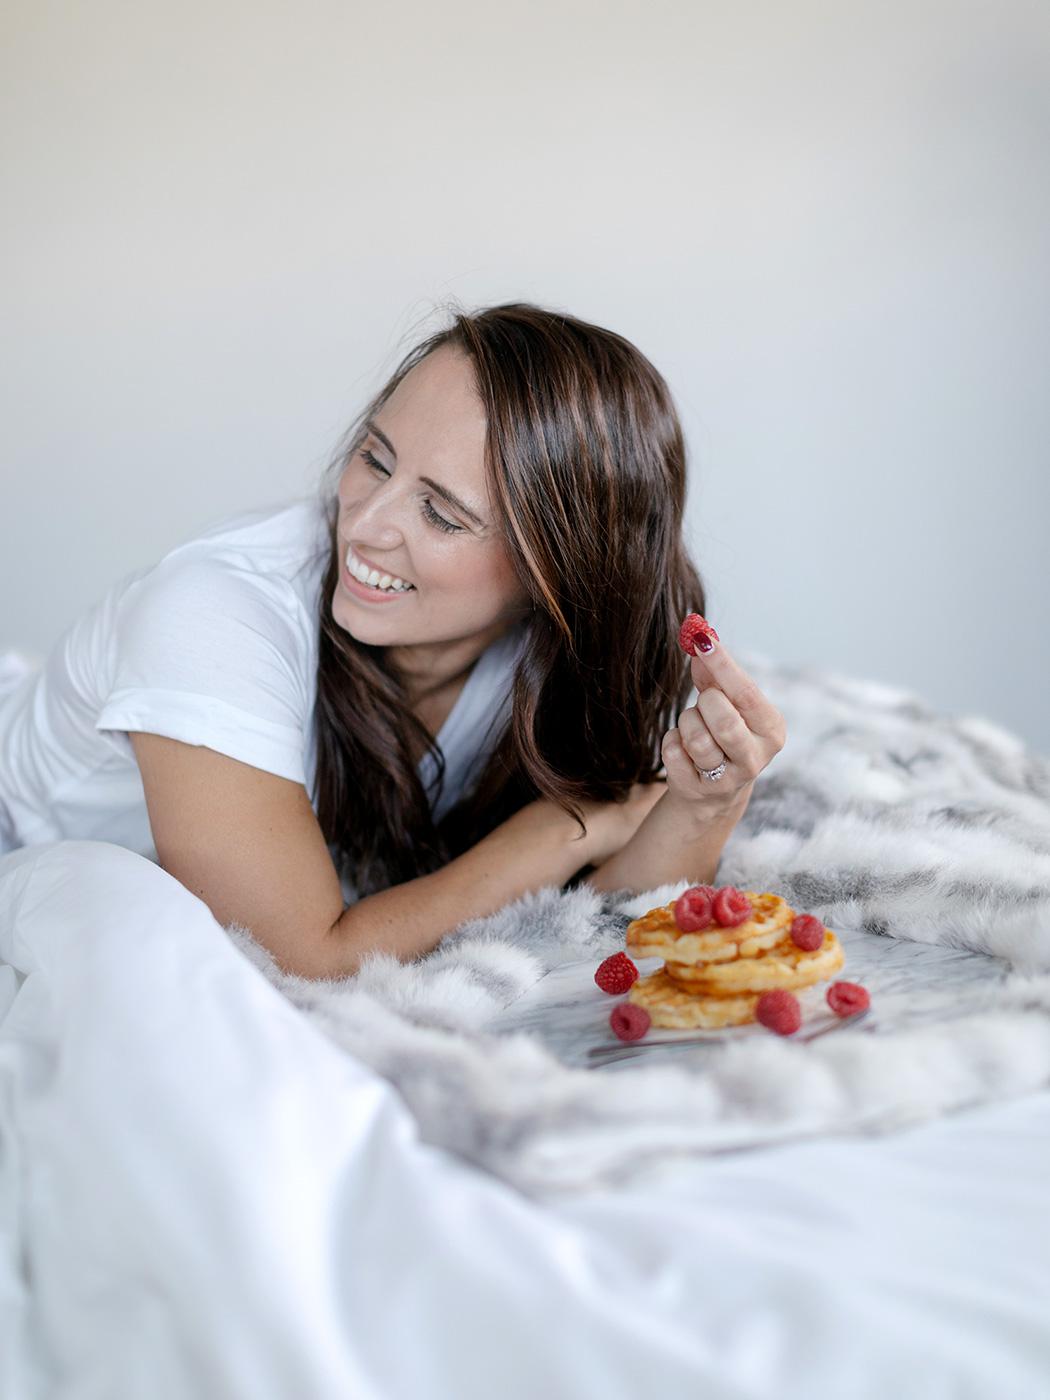 Breakfast in Bed | Rensche Mari